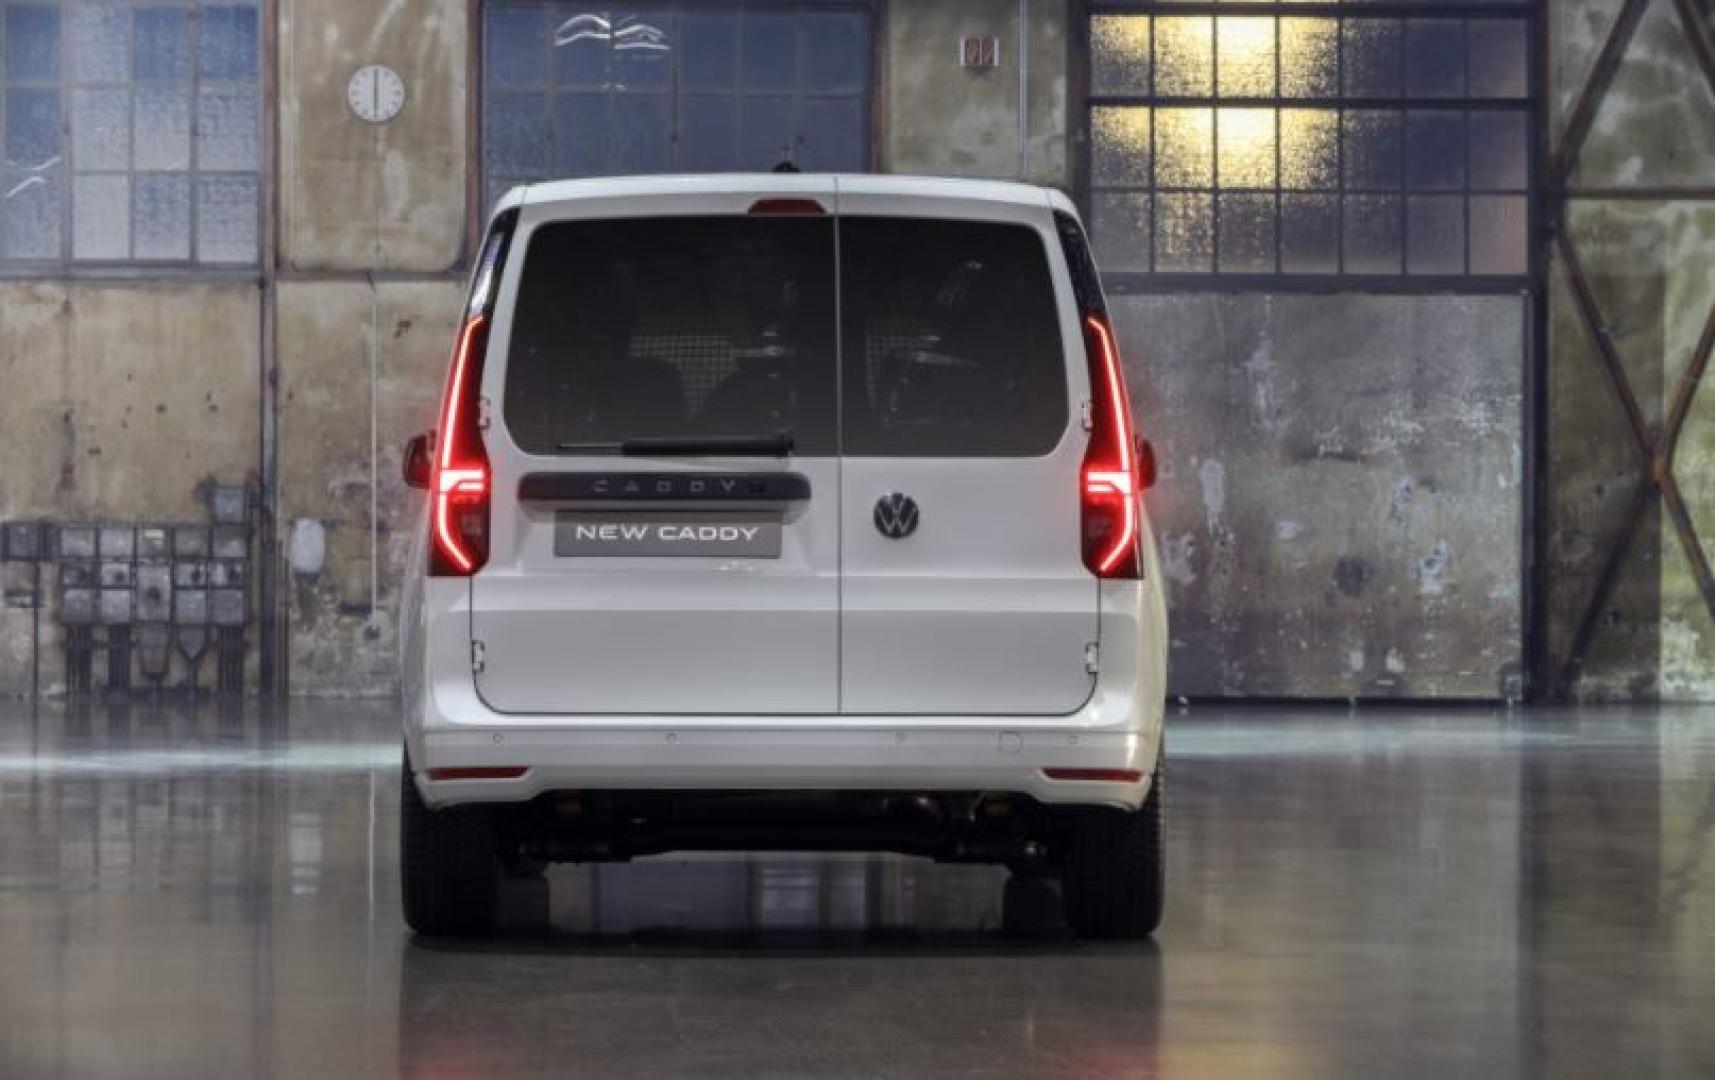 Volkswagen-Volkswagen bedrijfs wagens-1